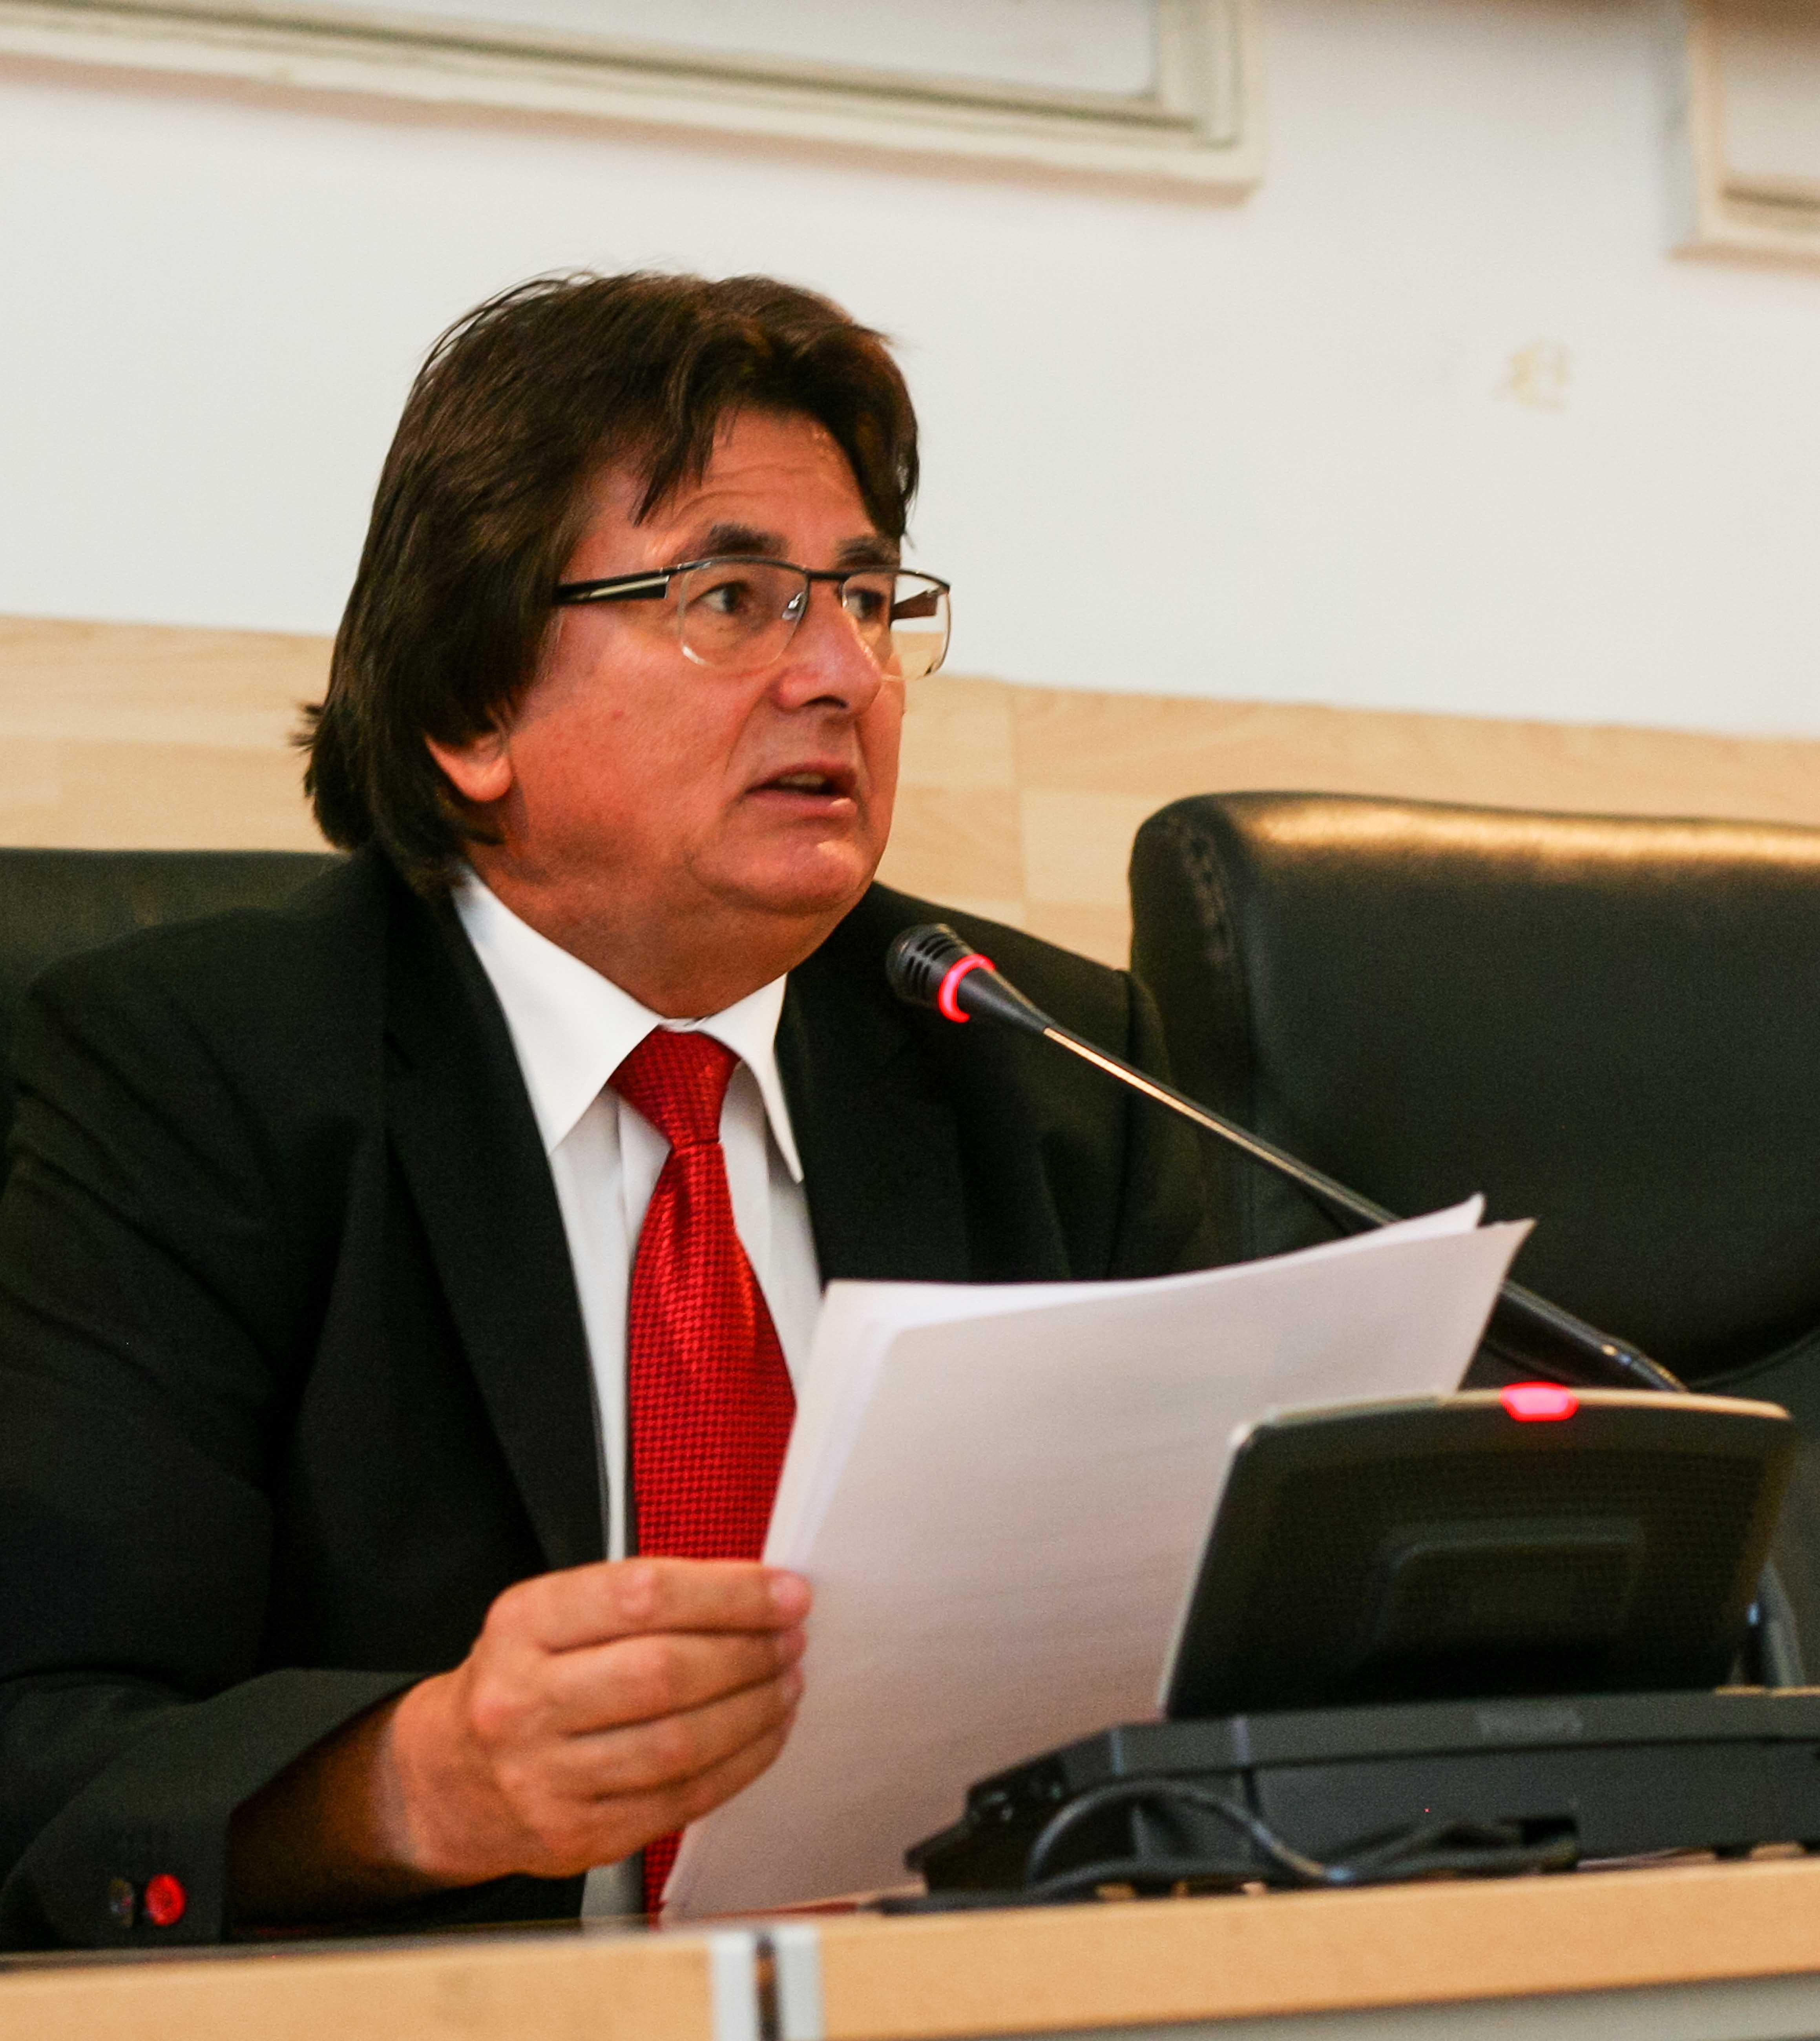 Nicolae Robu primarul Timisoarei 02